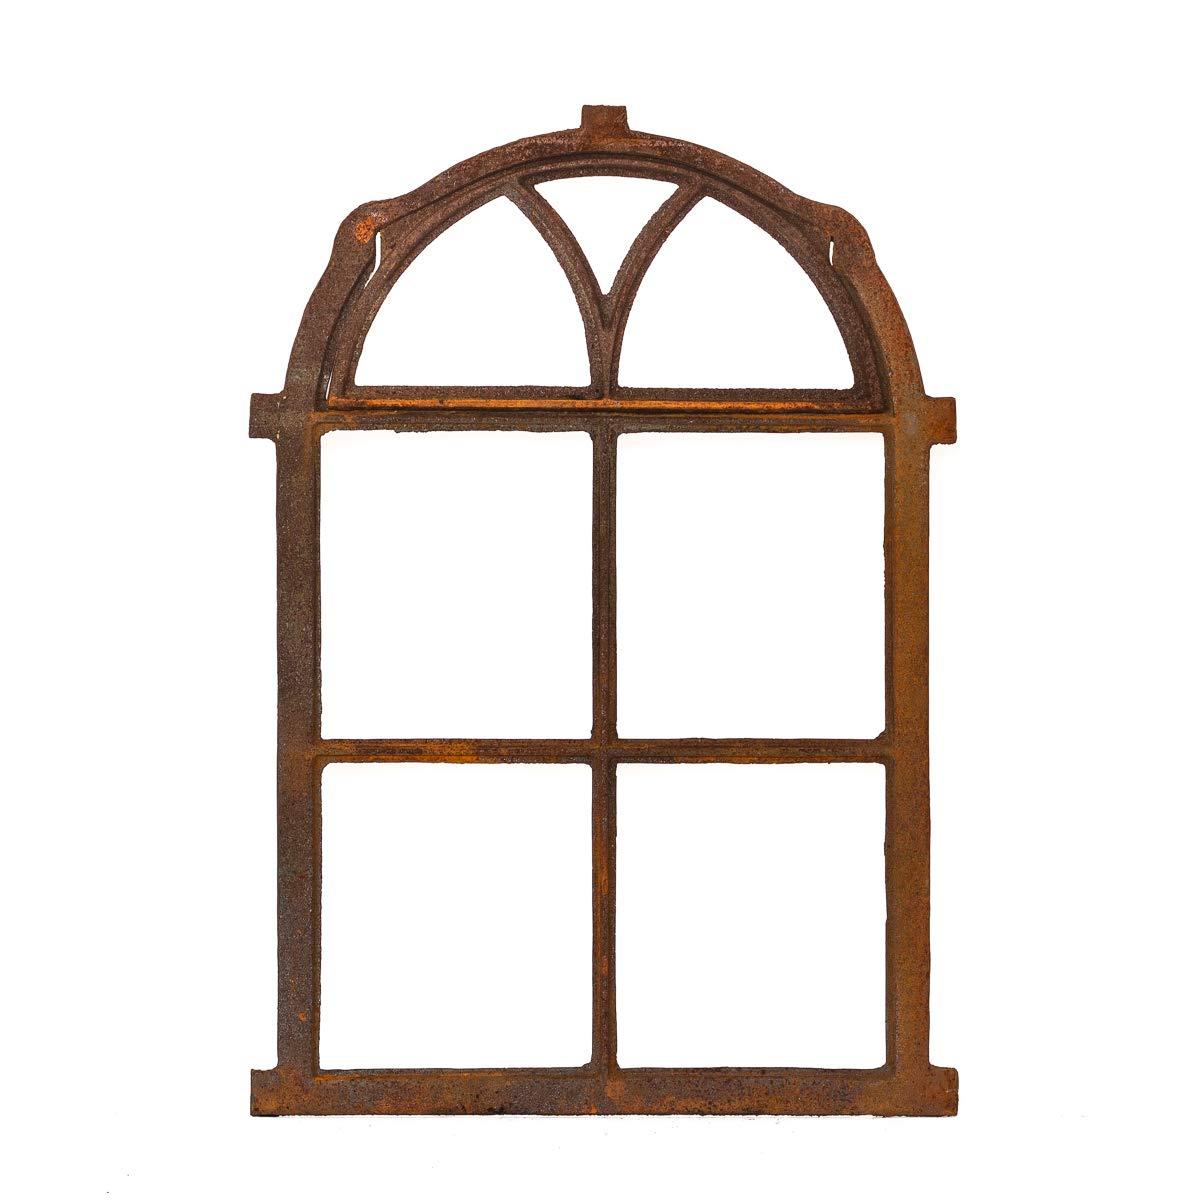 Antikas   klappbares Eisenfenster in antiken Stil   Hö he ca. 75 cm - Breite ca. 50 cm   Fenster fü r Stall- und Gartenmauer   Fensterrahmen aus Gusseisen